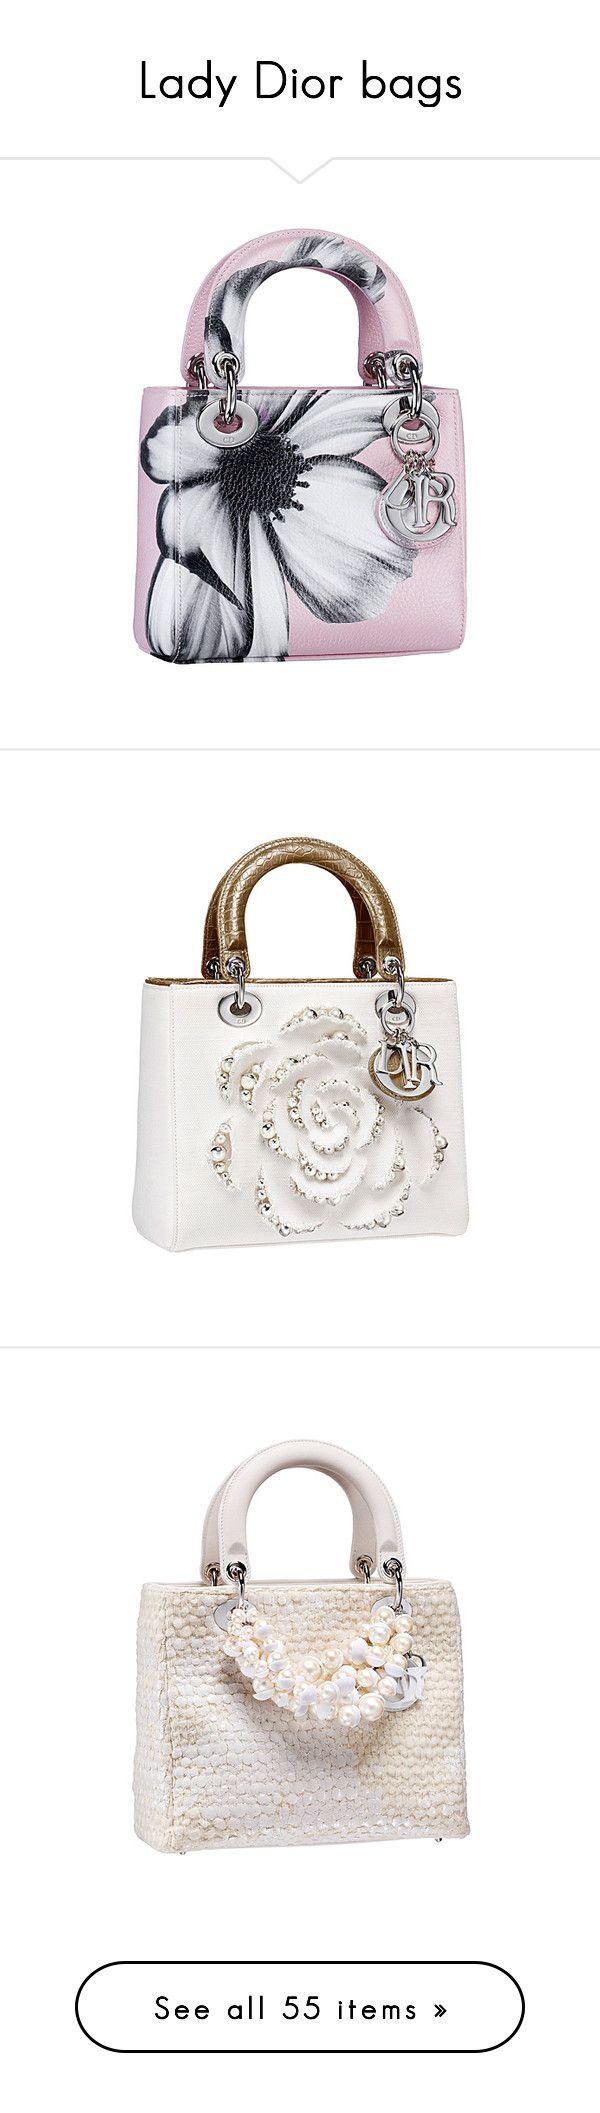 """""""Lady Dior bags"""" by vampirelina ❤ liked on Polyvore featuring bags, handbags, dior, purses, bolsas, christian dior, white bags, christian dior handbags, christian dior bags and white handbags"""